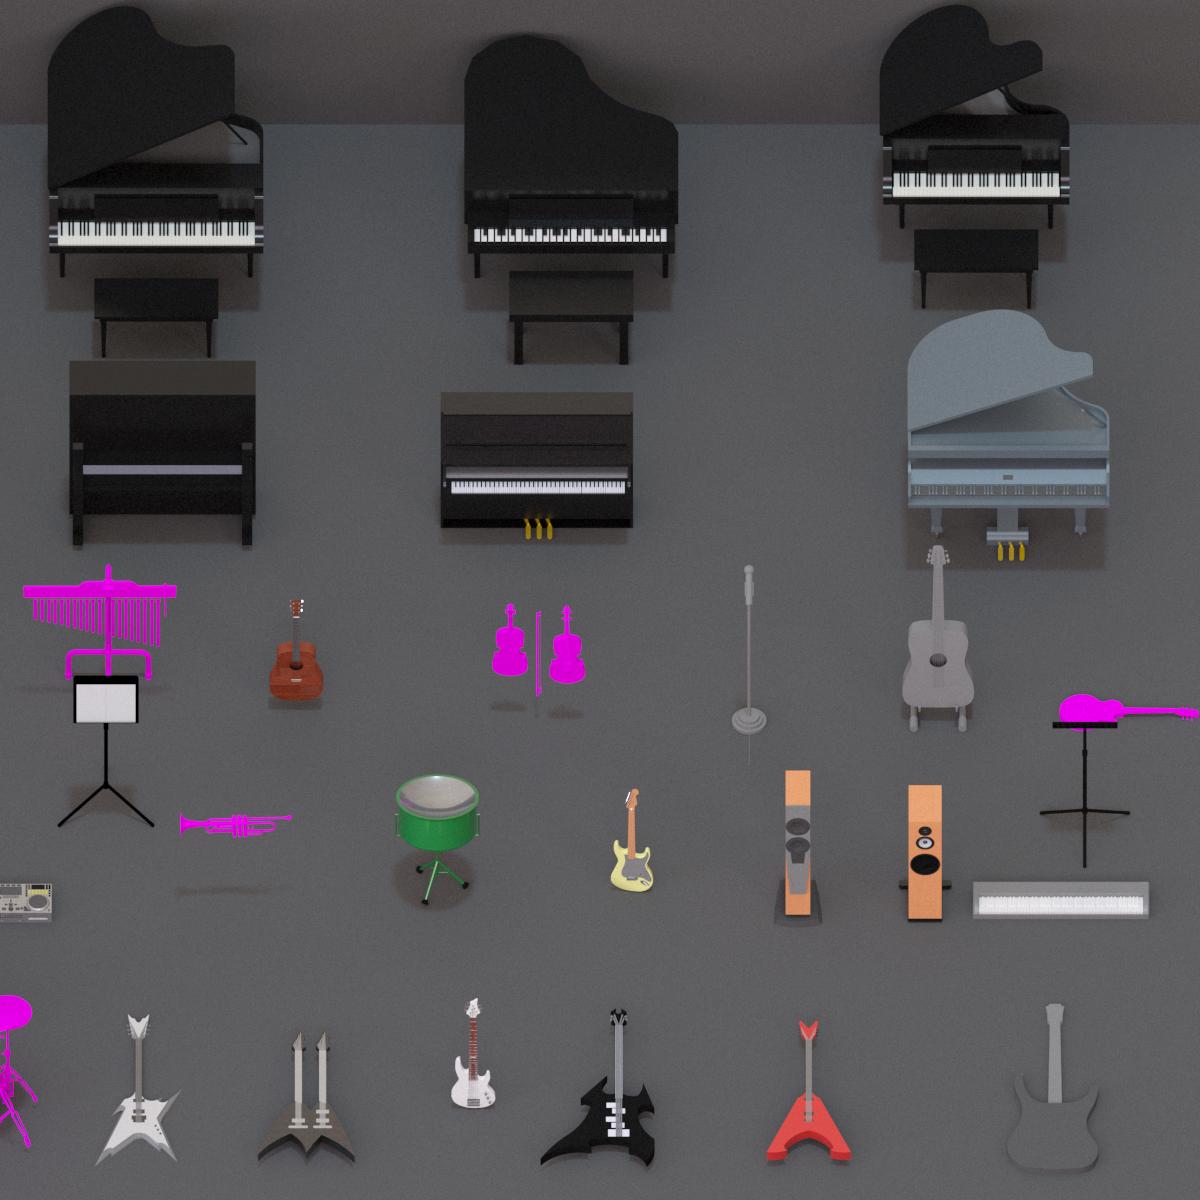 Colección de Instrumentos musicales en BIM